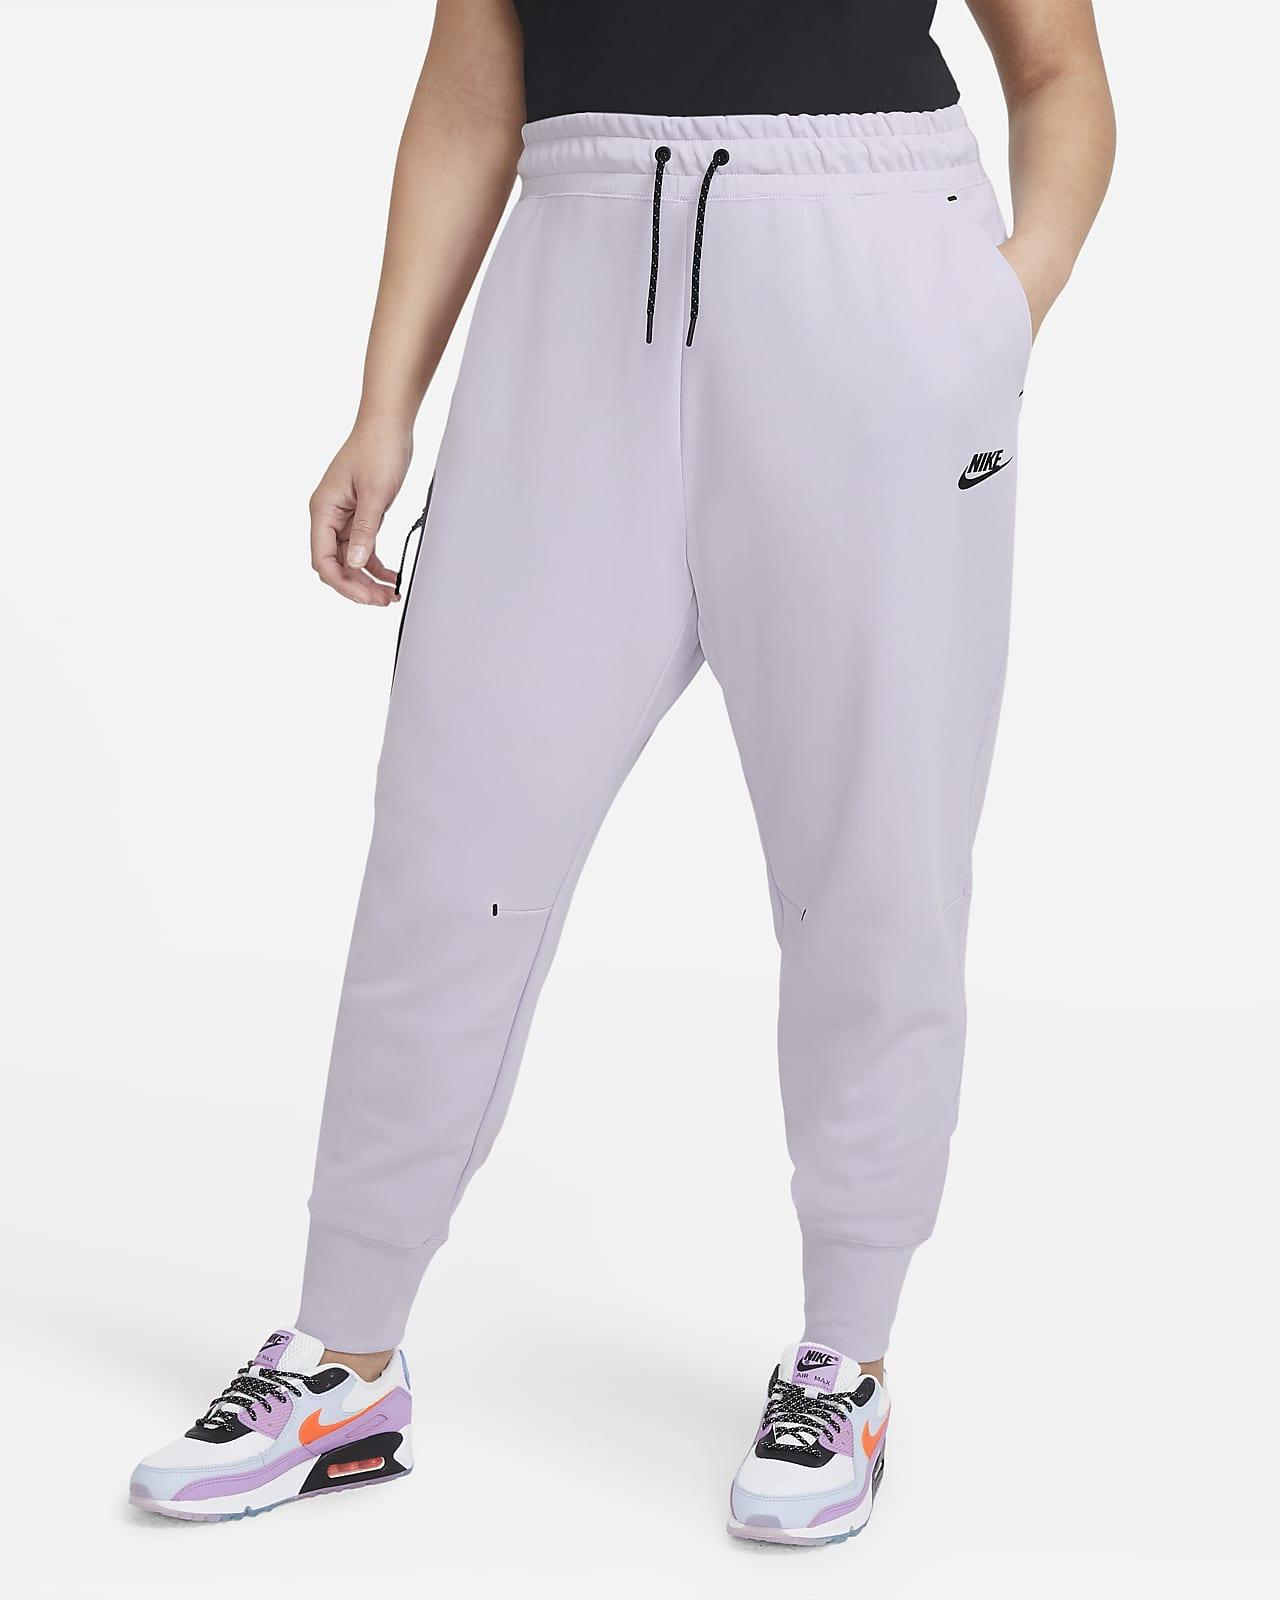 Nike Sportswear Tech Fleece Women's Pants (Plus Size)